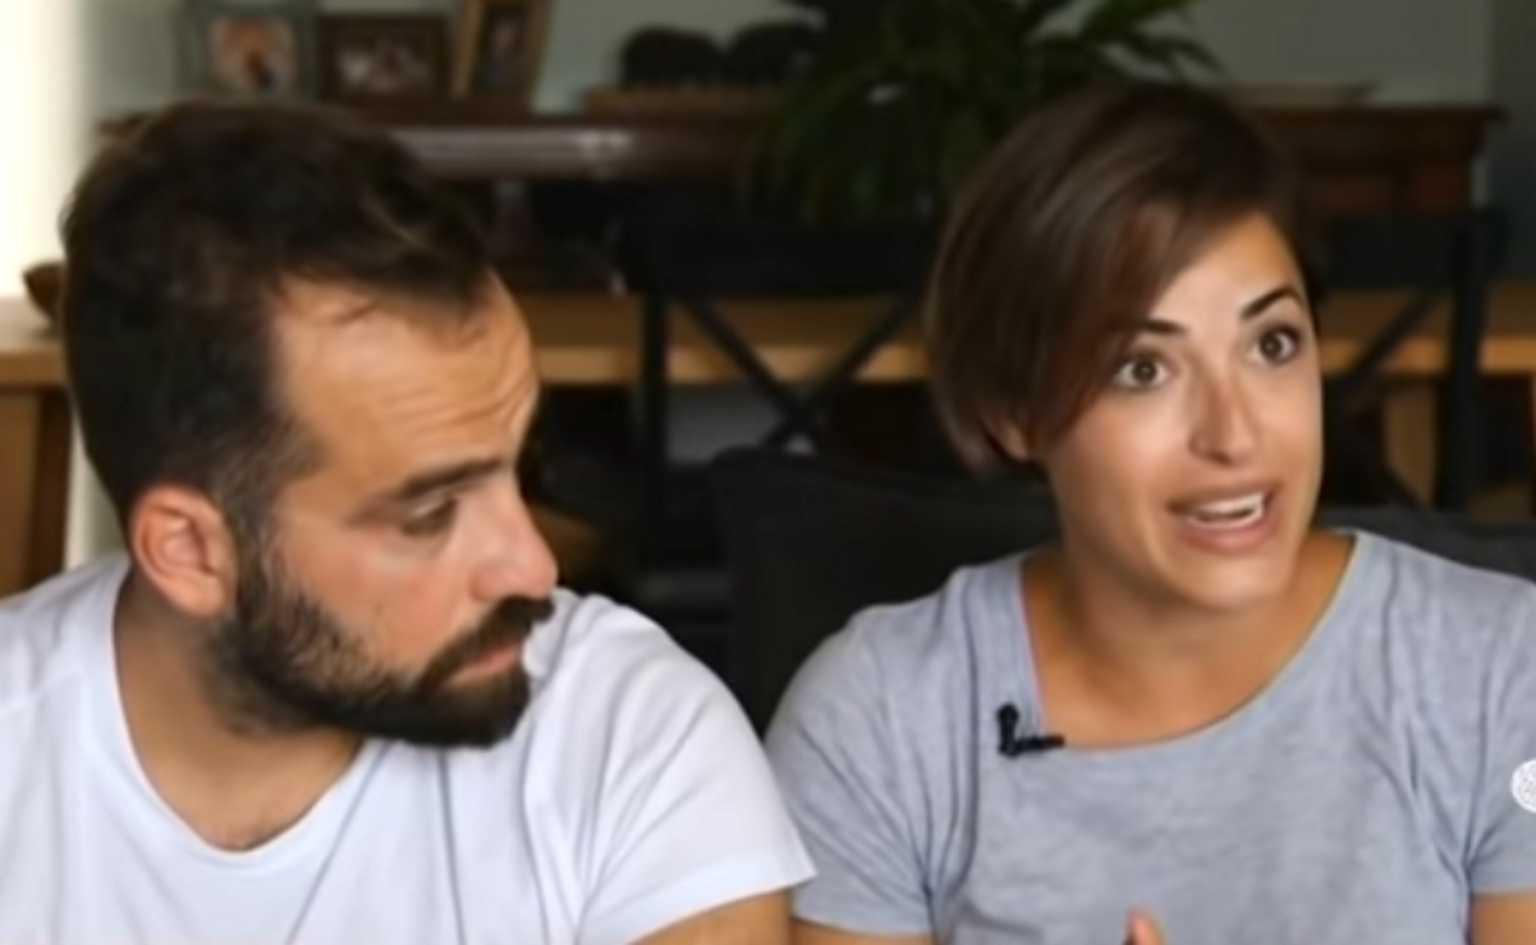 Κρήτη: Καθηλώνουν οι γονείς που υιοθέτησαν το βρέφος που βρέθηκε μόνο και αβοήθητο σε χωράφι (Βίντεο)